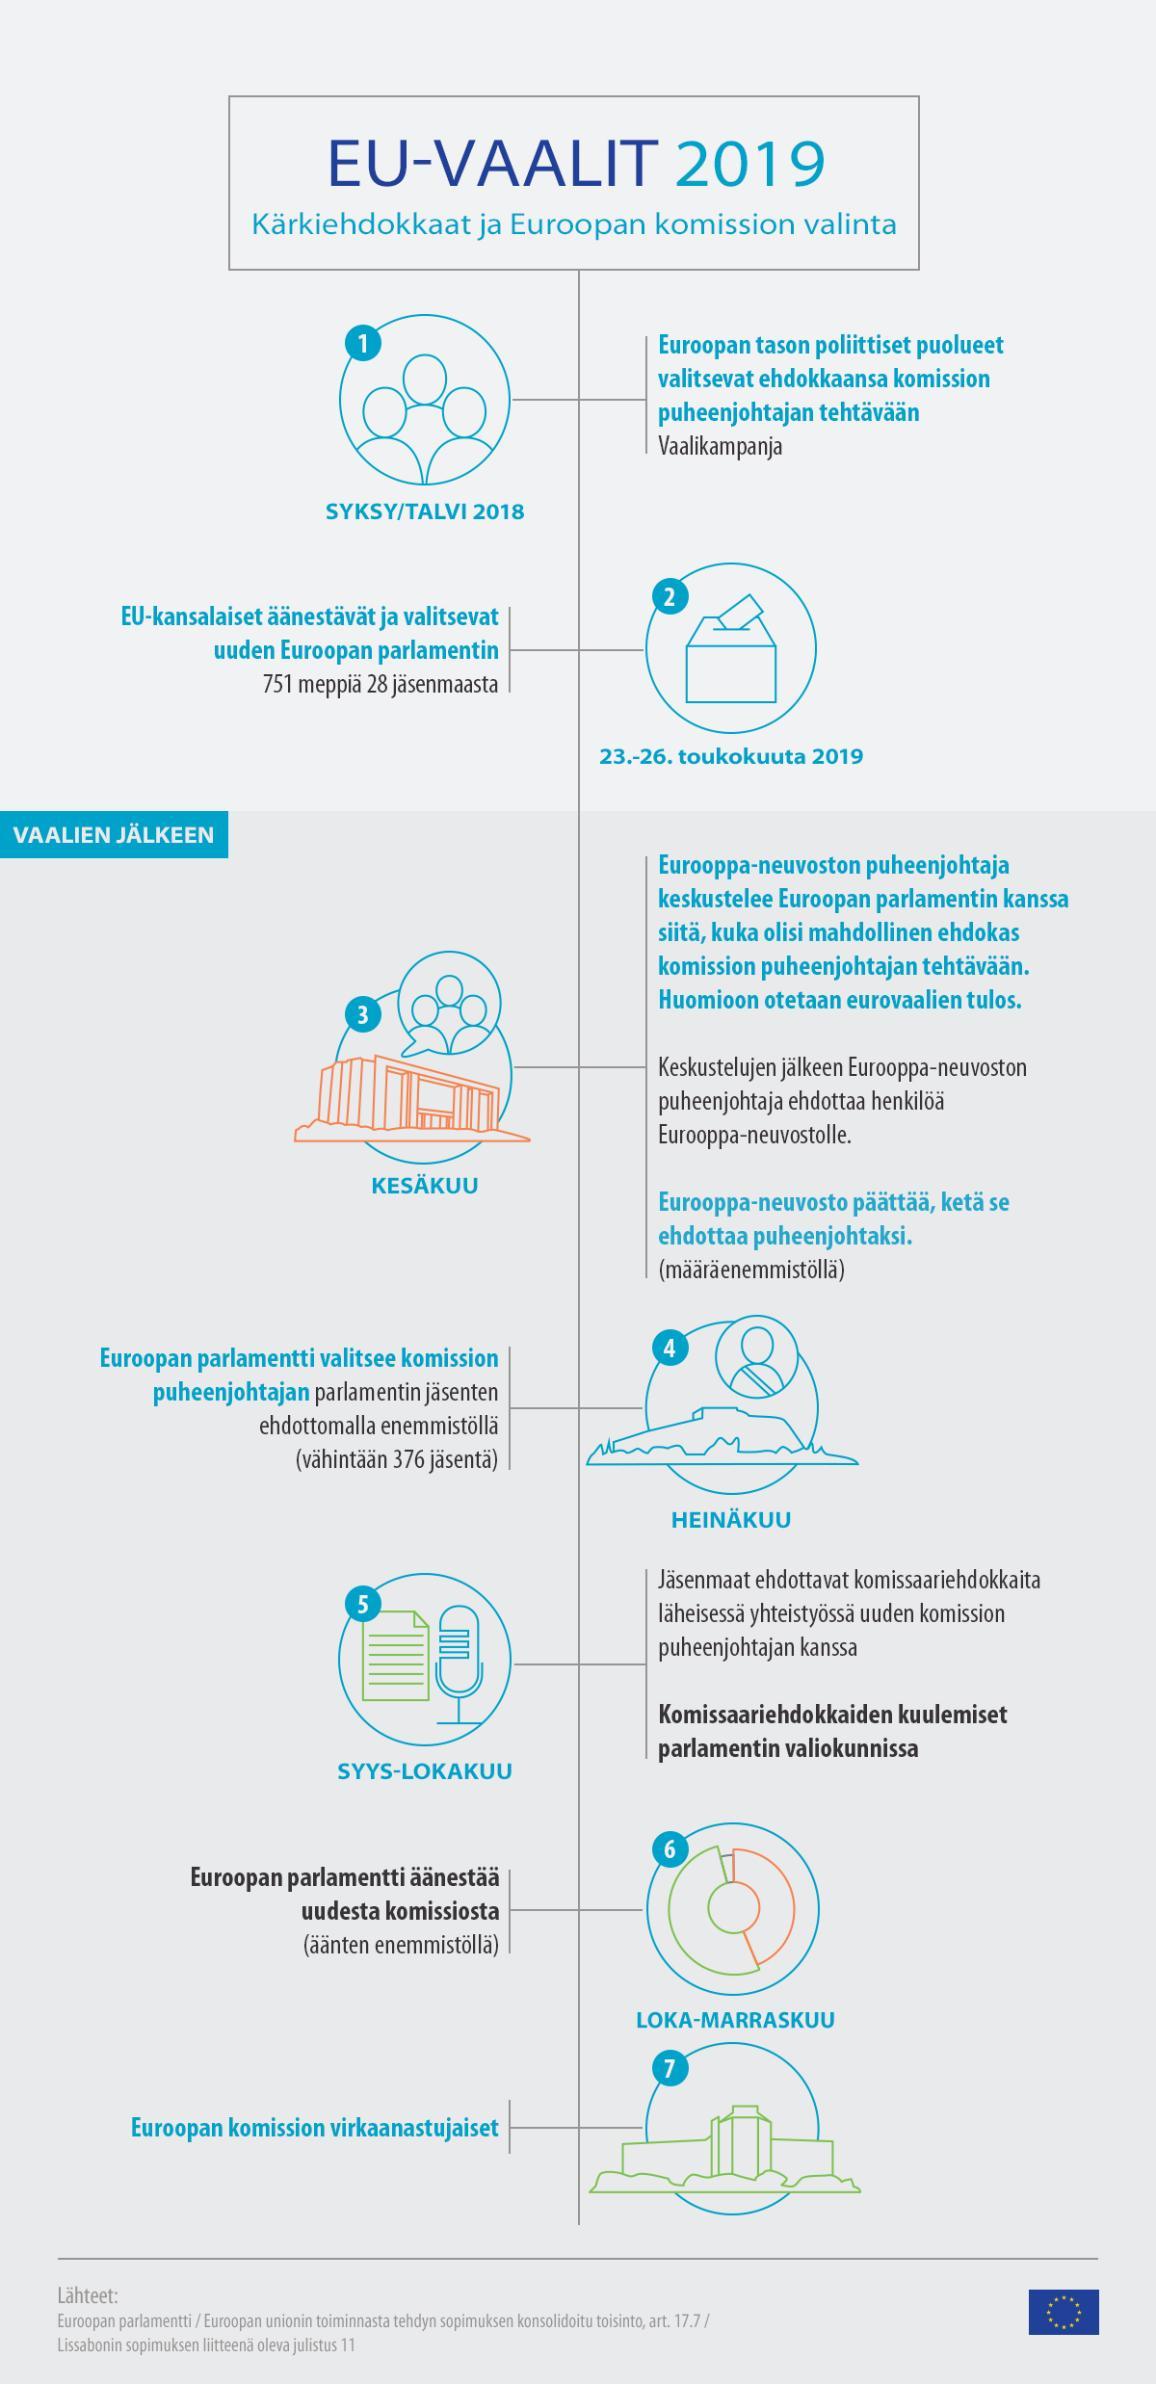 Infografiikka: EU-vaalien 2019 aikajana